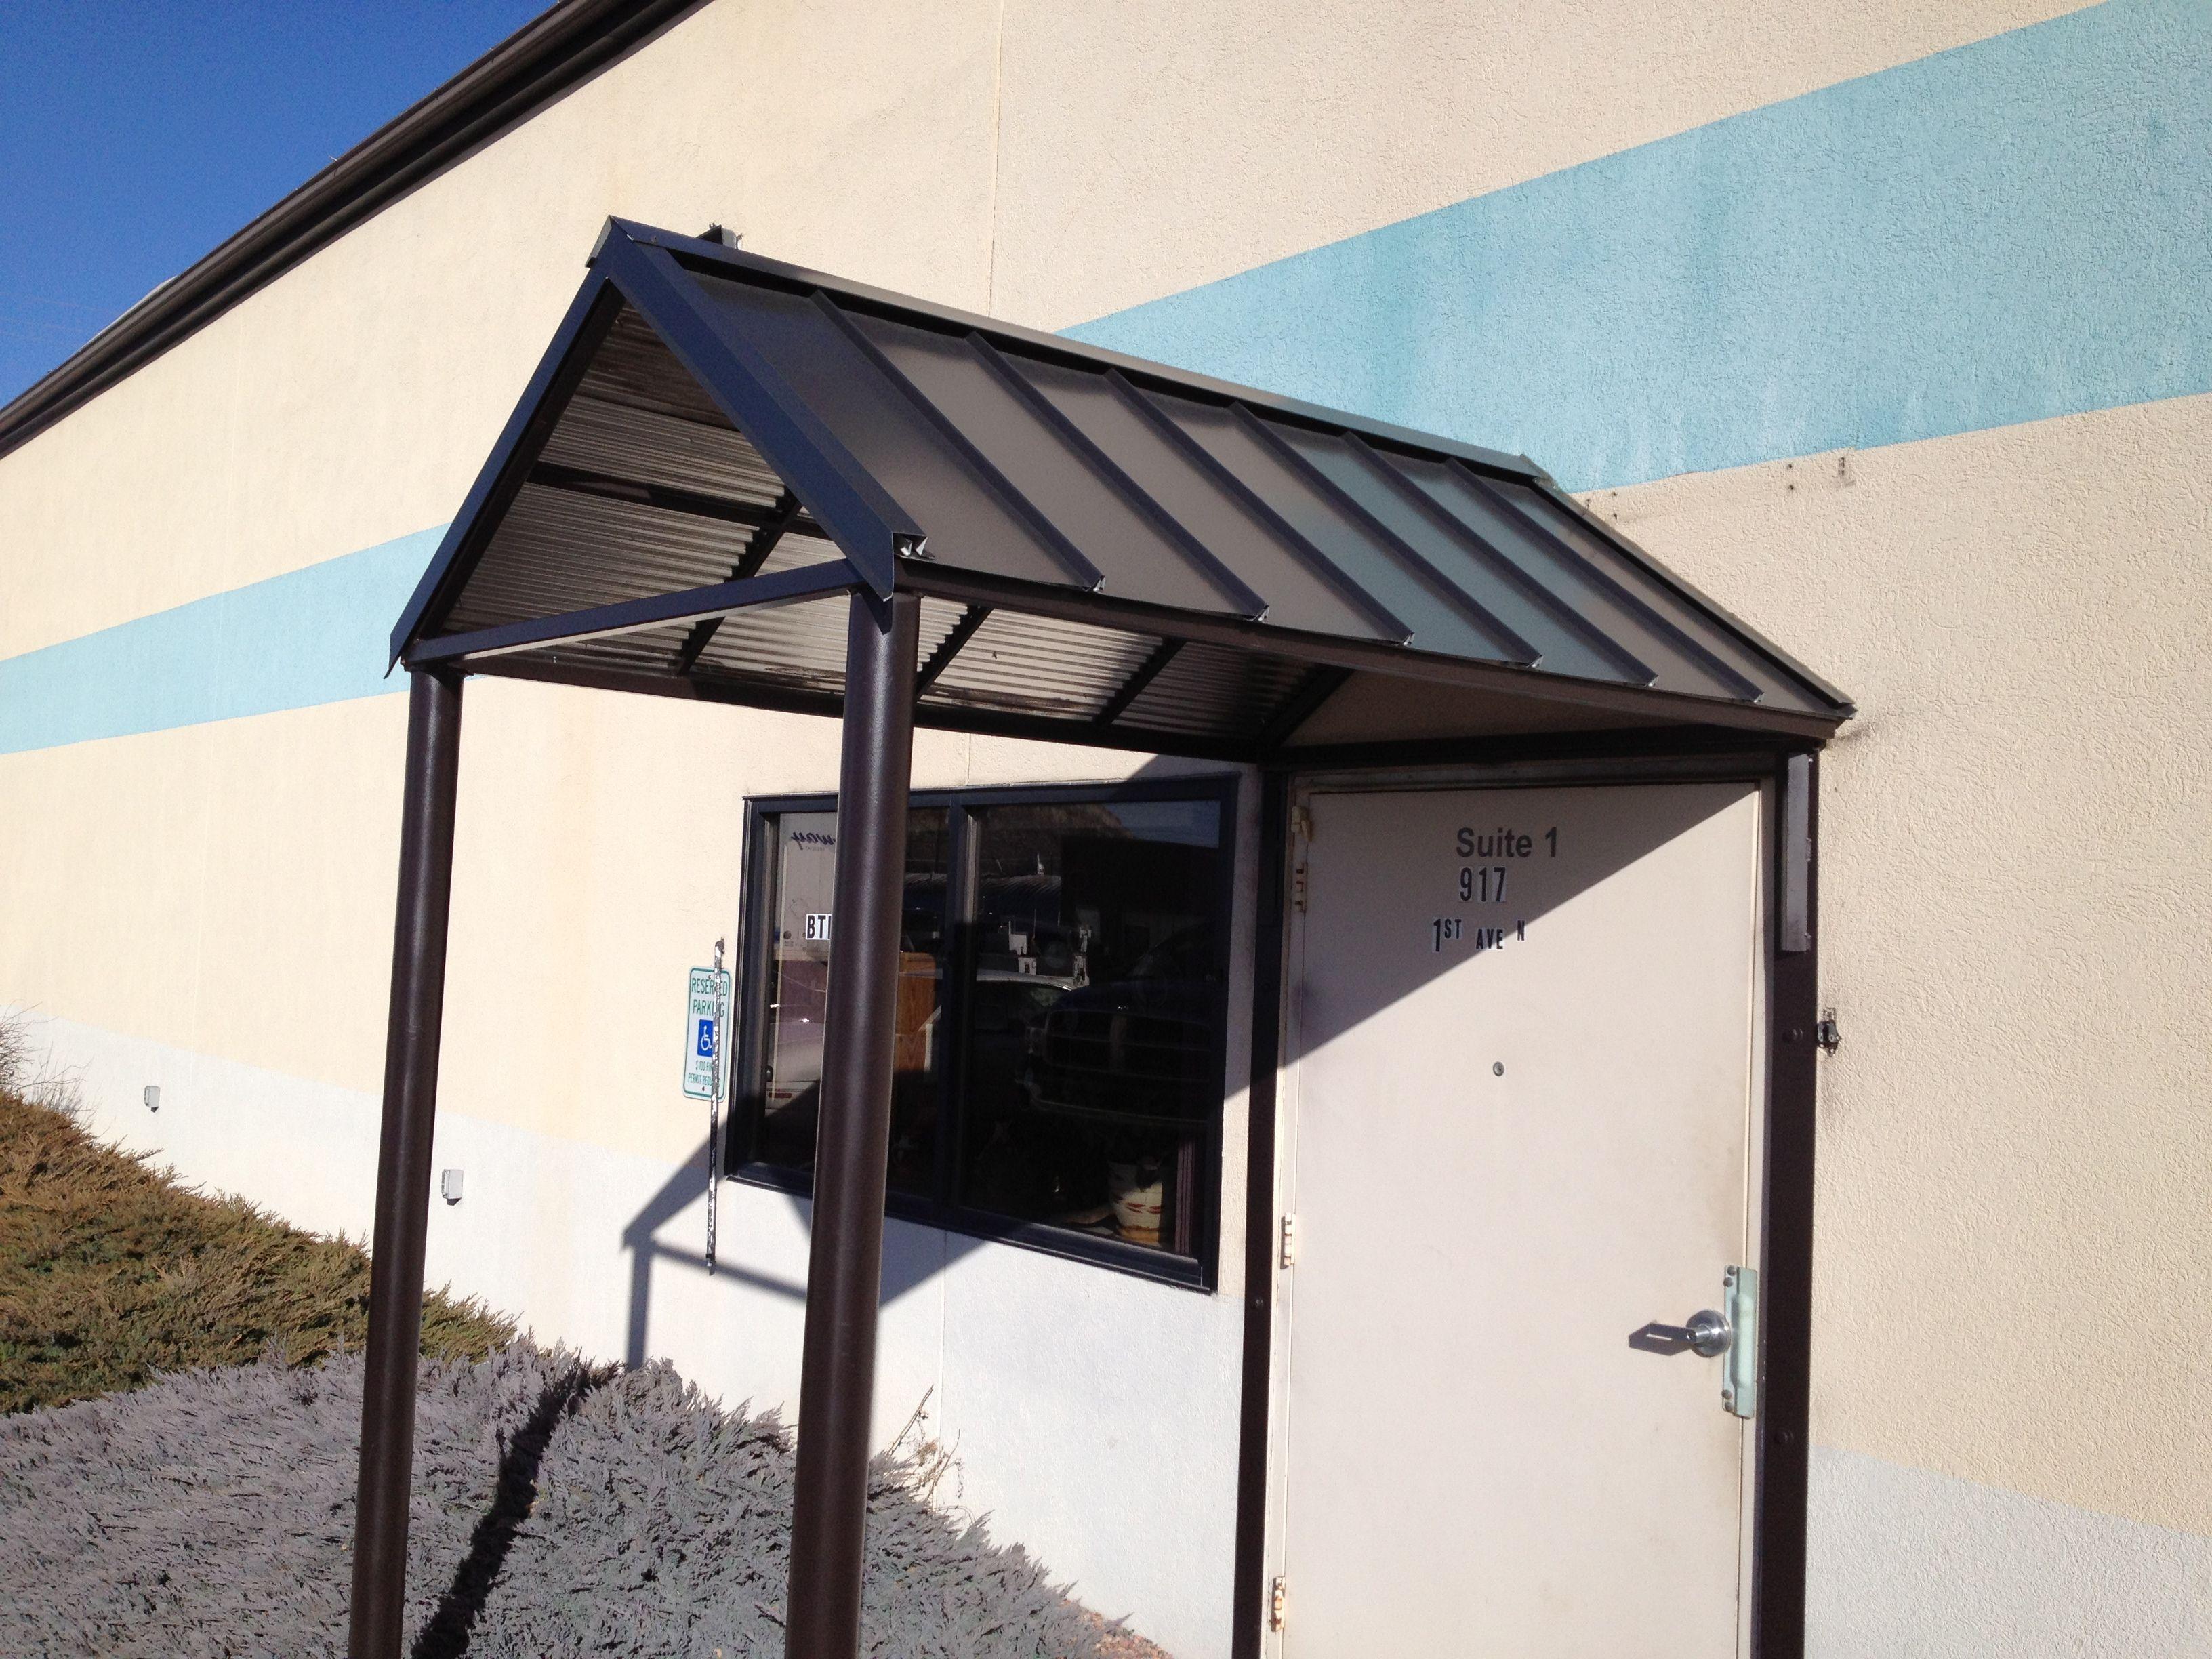 huish patio awnings awning utah in pergolas more p metal s